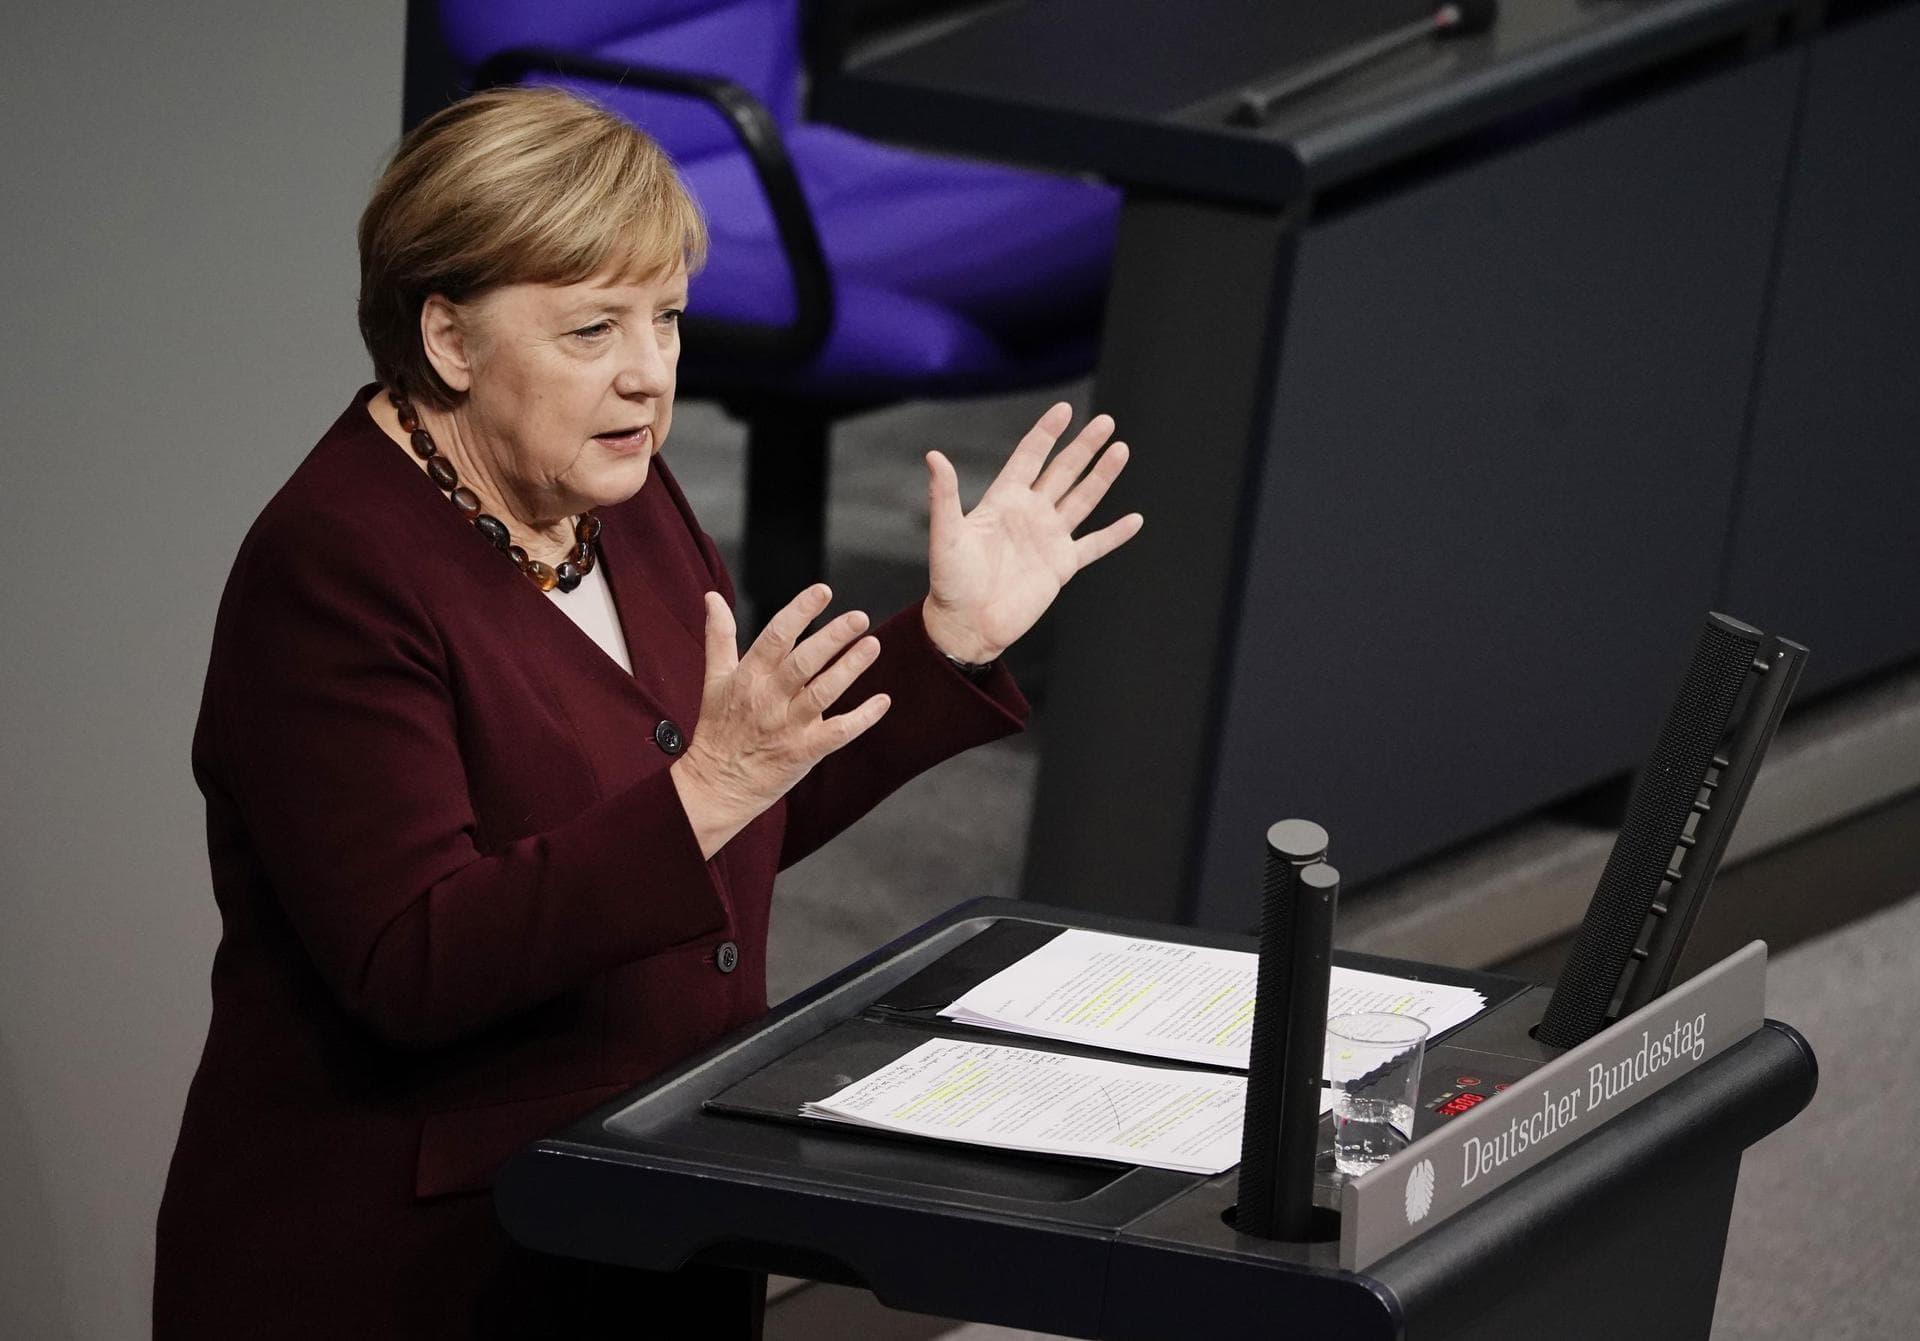 Merkel beschwört Solidarität im Kampf gegen Corona-Pandemie Kritik an neuen Beschlüssen